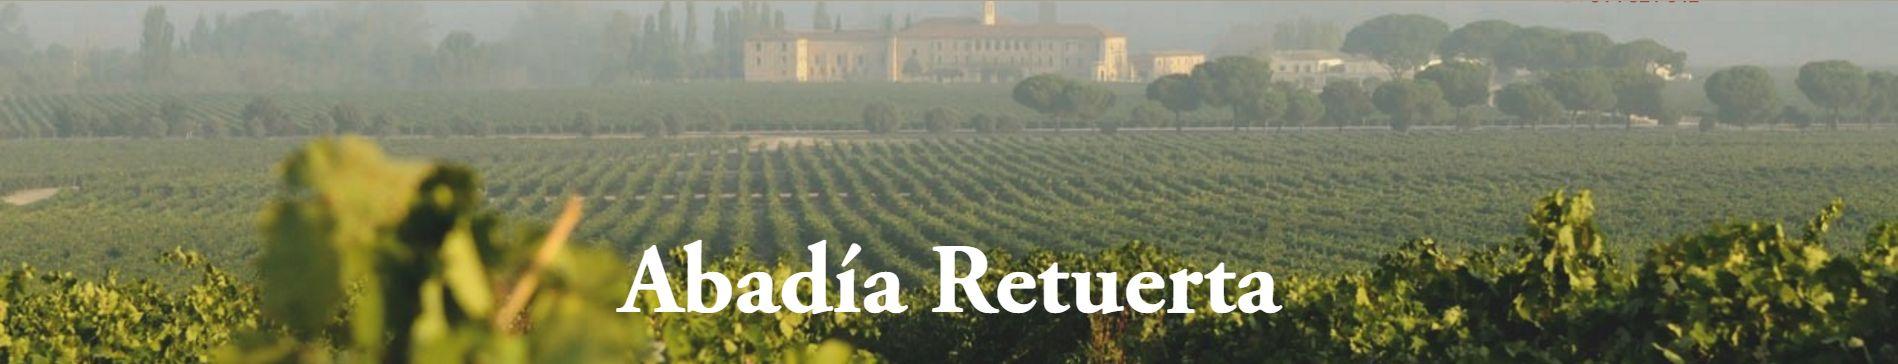 Wijnhuis Abadia Retuerta